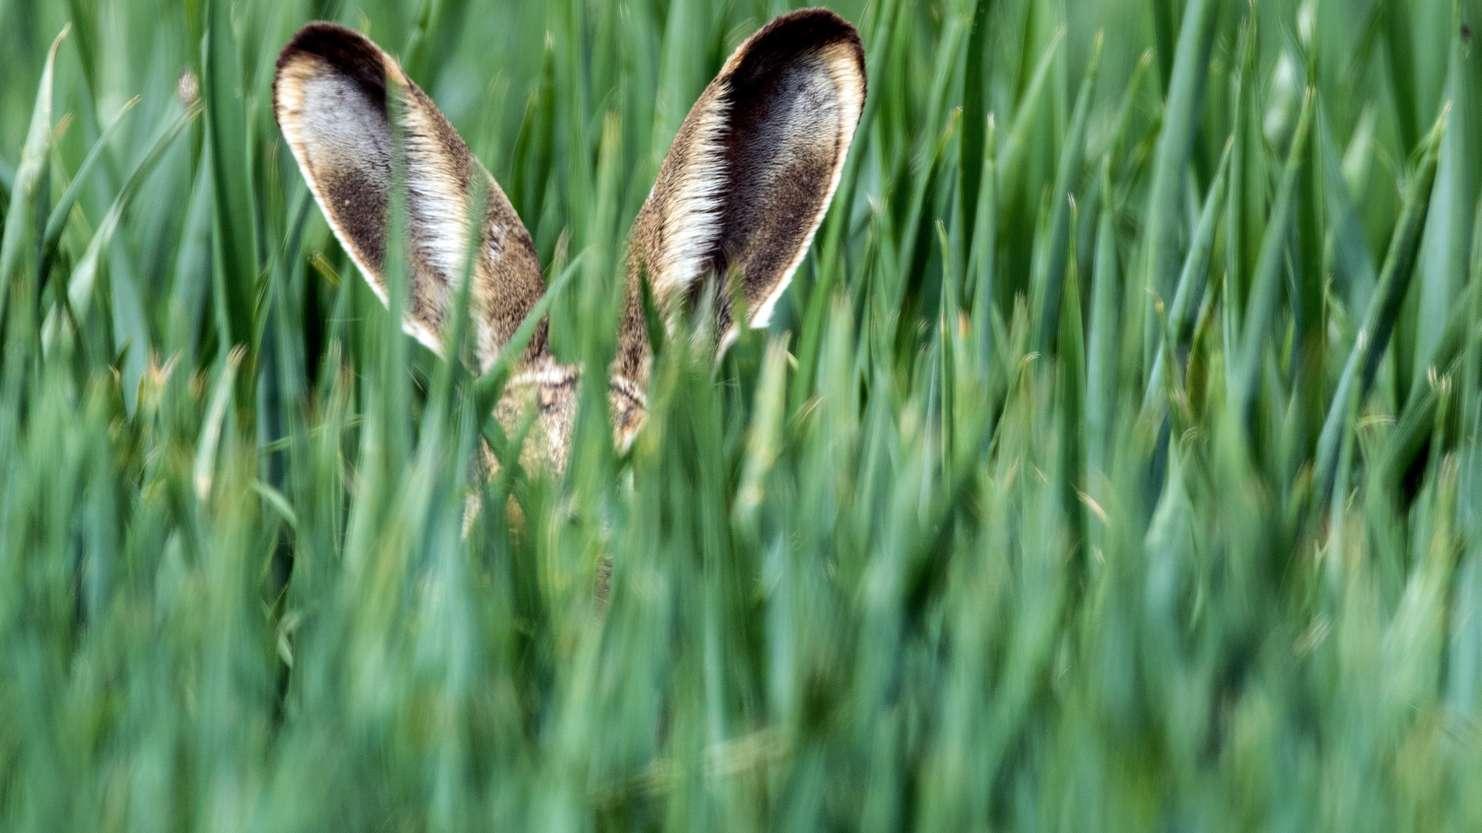 Ein Feldhase versteckt sich im Gras.